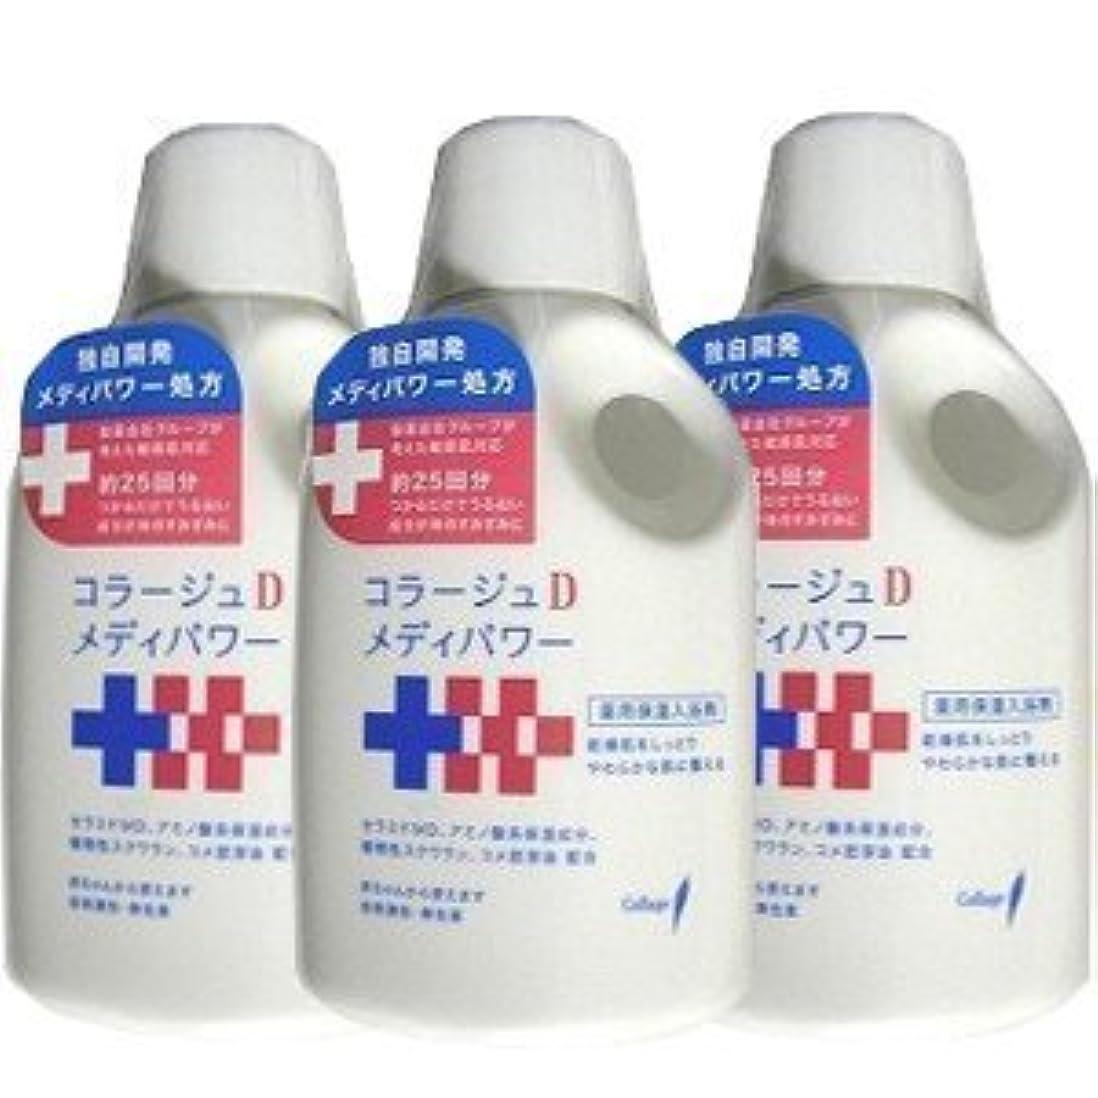 医薬品特徴アレイ【3本】コラージュD メディパワー保湿入浴剤 500mlx3本